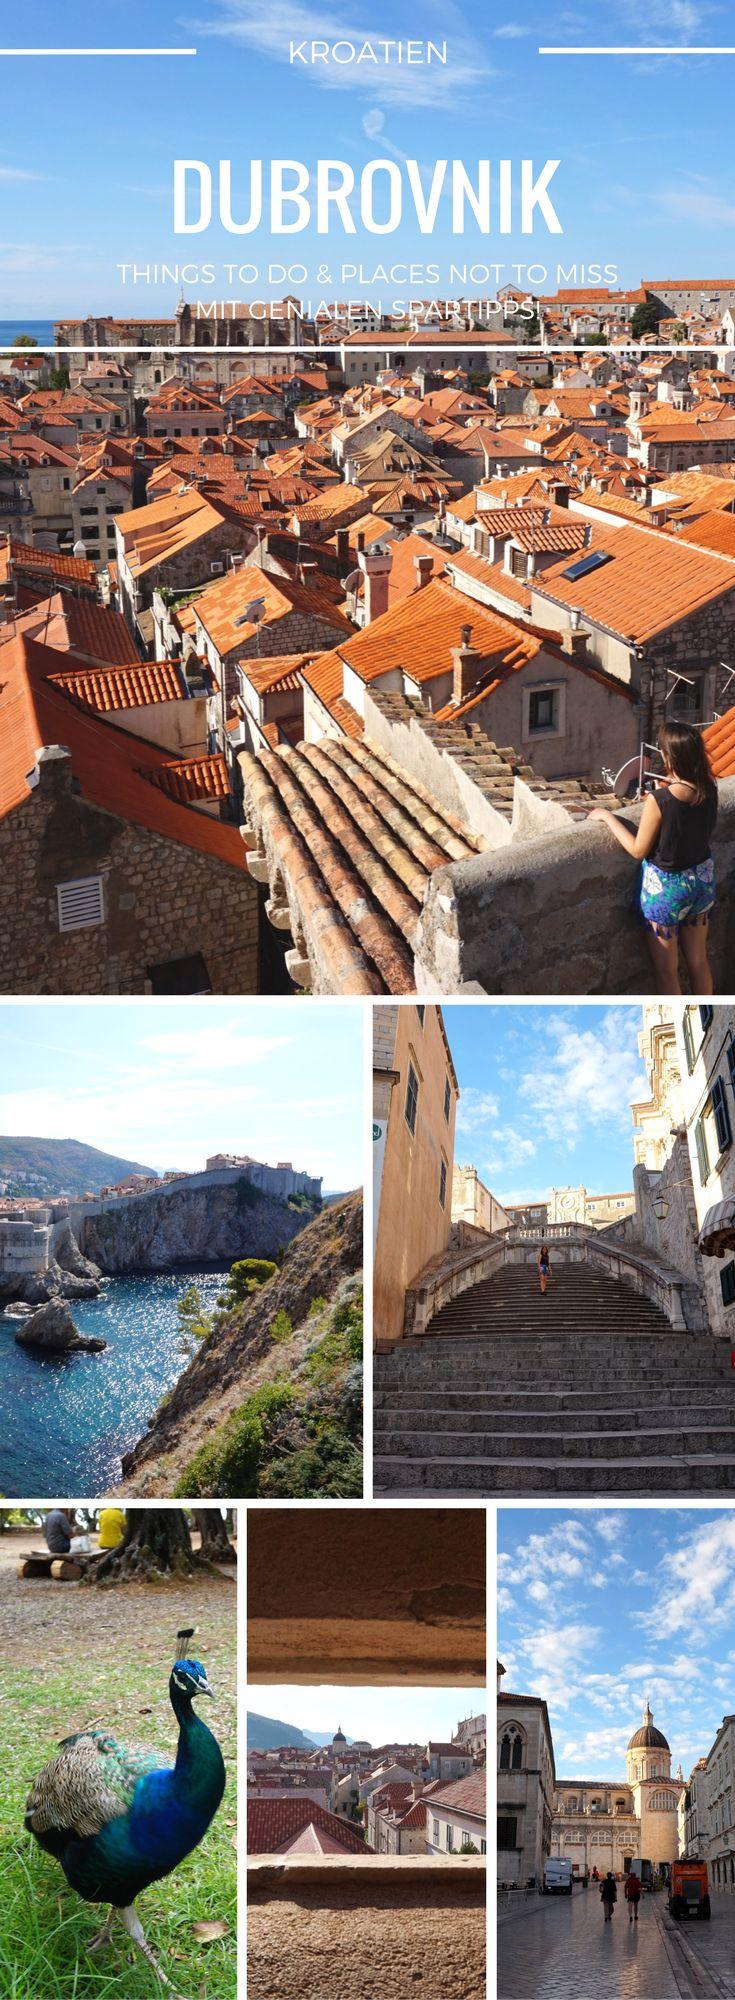 Reisebericht Dubrovnik. Entdecke mit uns die schönsten Sehenswürdigkeiten in der Altstadt und drumherum. Heimliches Highlight: die Insel Lokrum mit ihreren Hasen und Pfauen. Bei deinem Urlaub oder deiner Backpacking Reise durch Dalmatien sollte ein Abstecher nach #dubrovnik drin sein und mit unseren Spartipps kannst du die Stadt auch günstig erleben! #reise #urlaub #kroatien #europa #backpacking #reisebericht